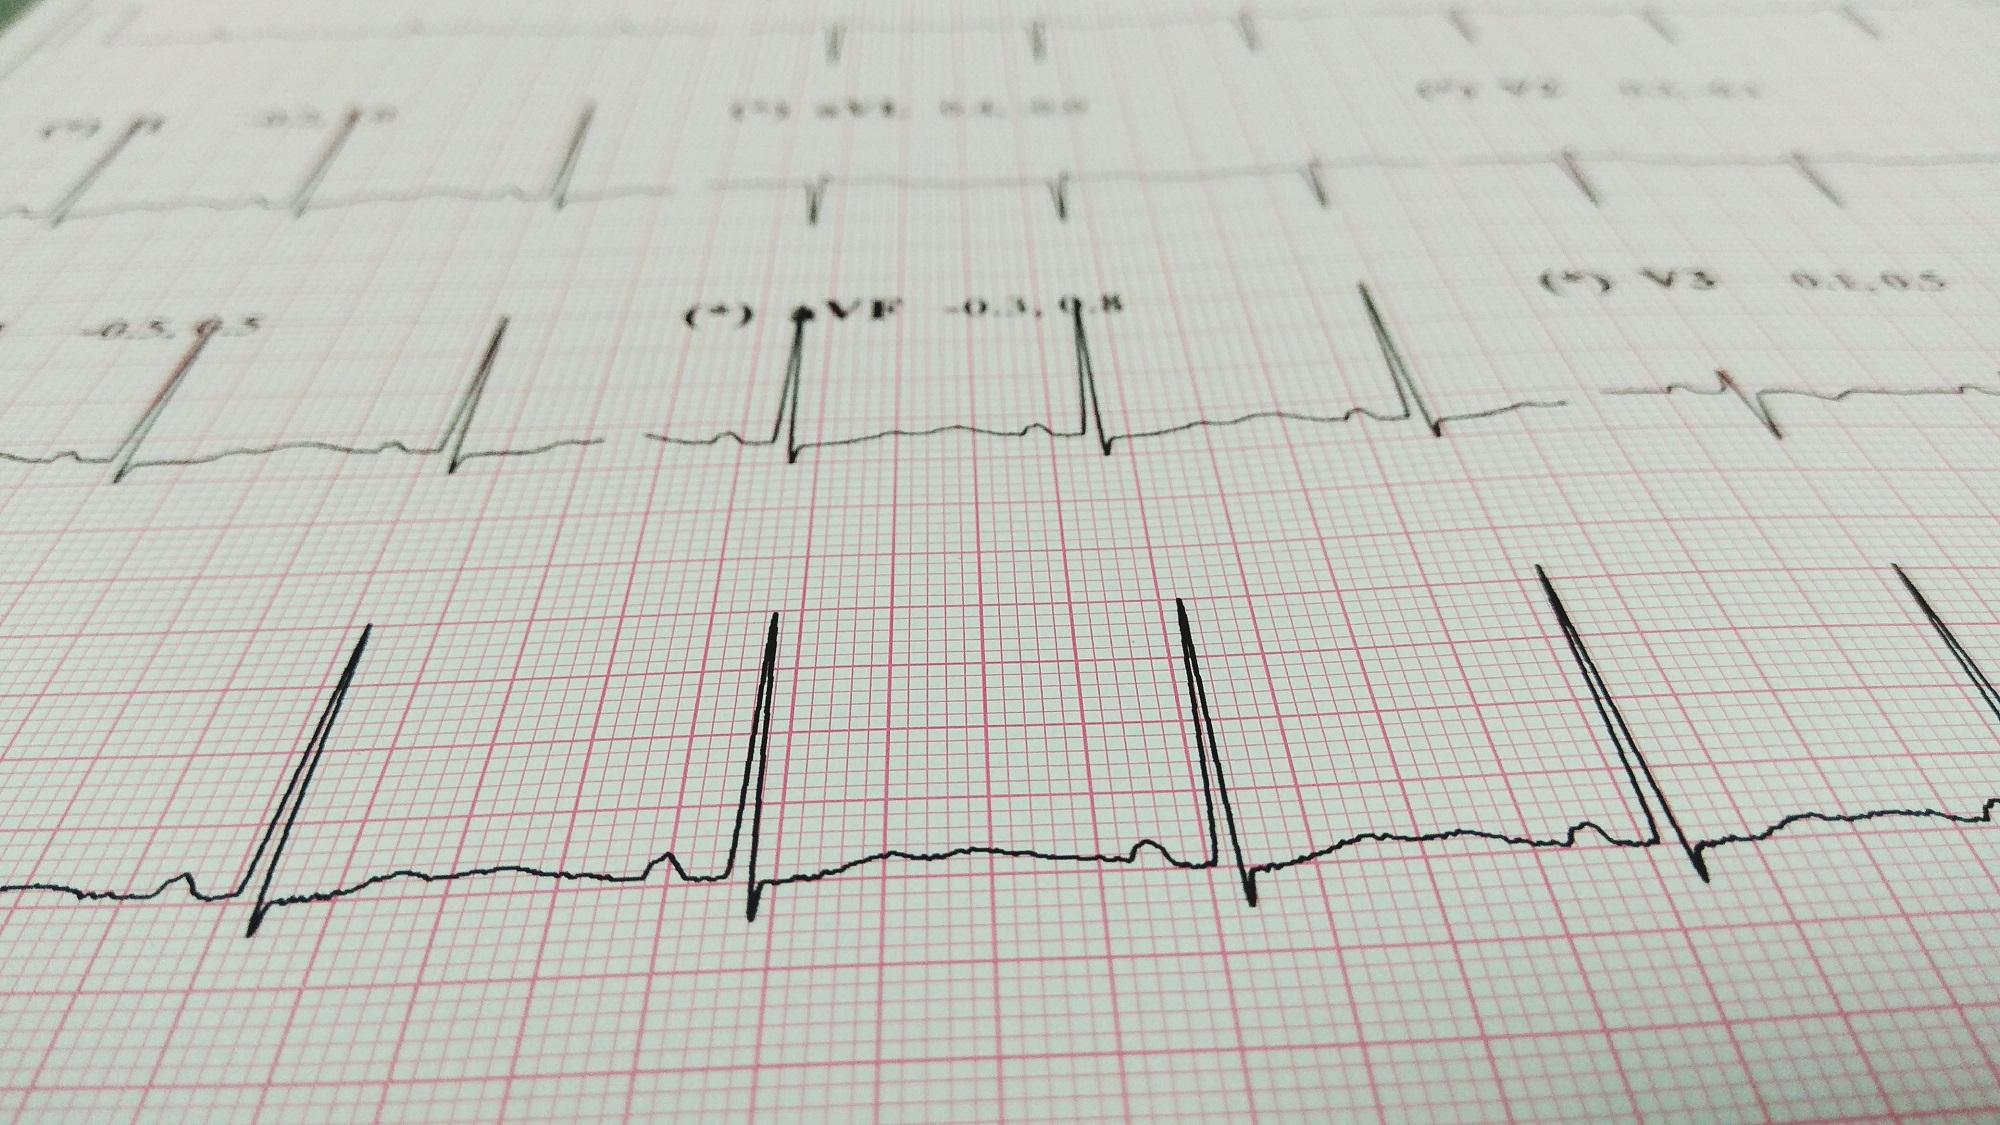 Adjusted Endocardial Voltage Cut-Offs Proposed for